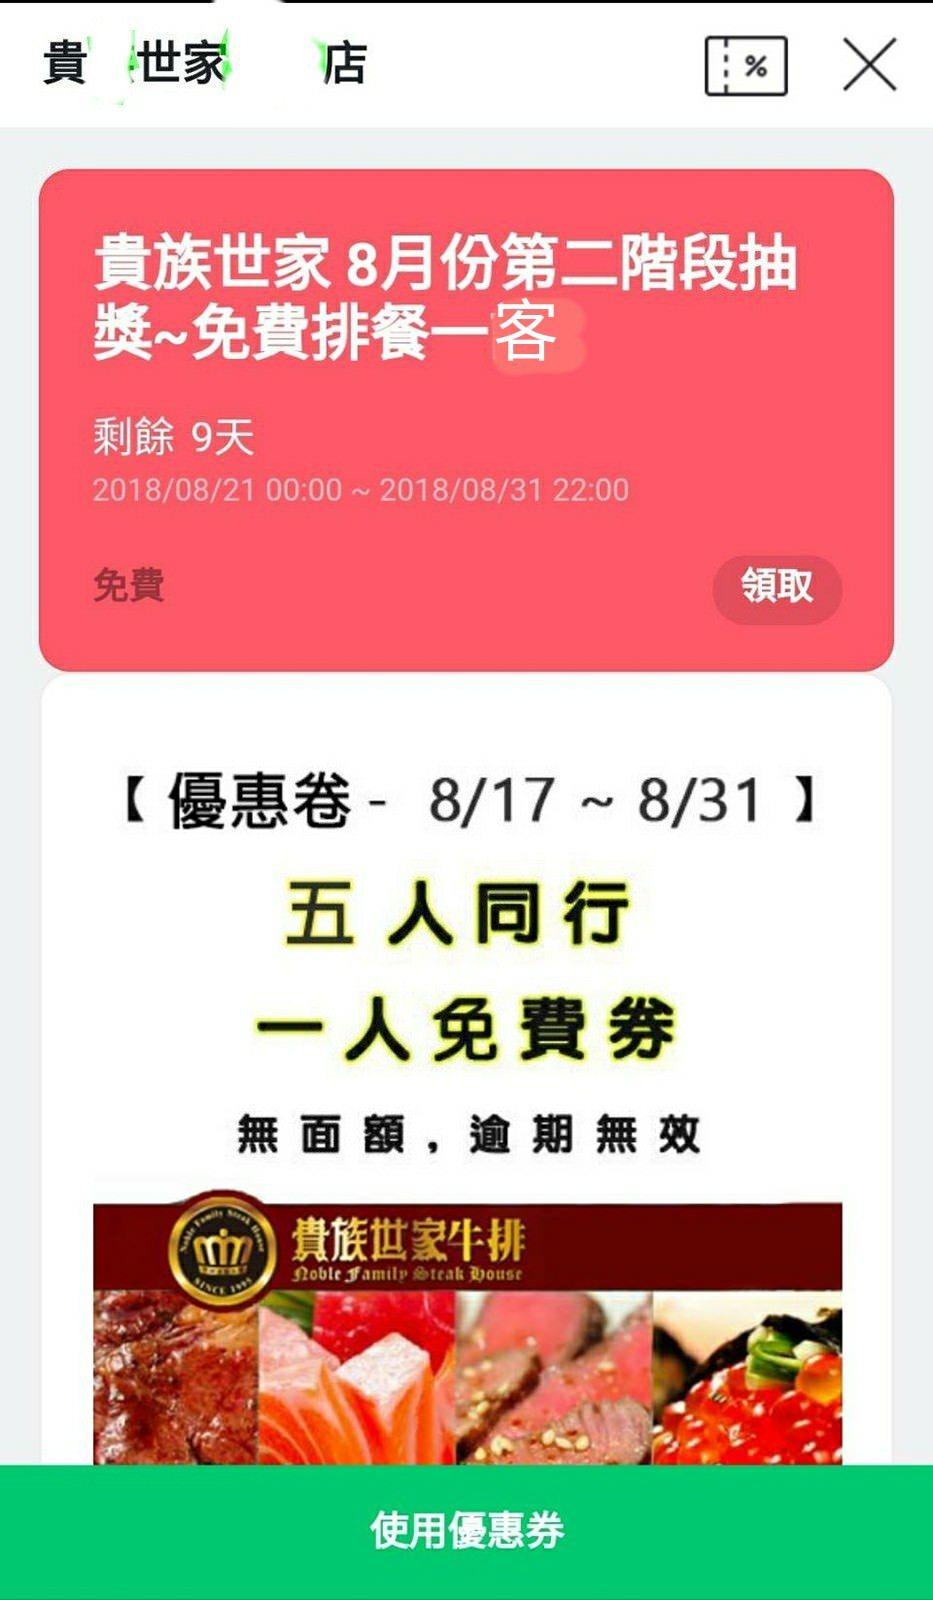 為了說服阿嬤外出吃飯,該名網友創假帳號,舉辦抽獎活動。圖/擷自Dcard